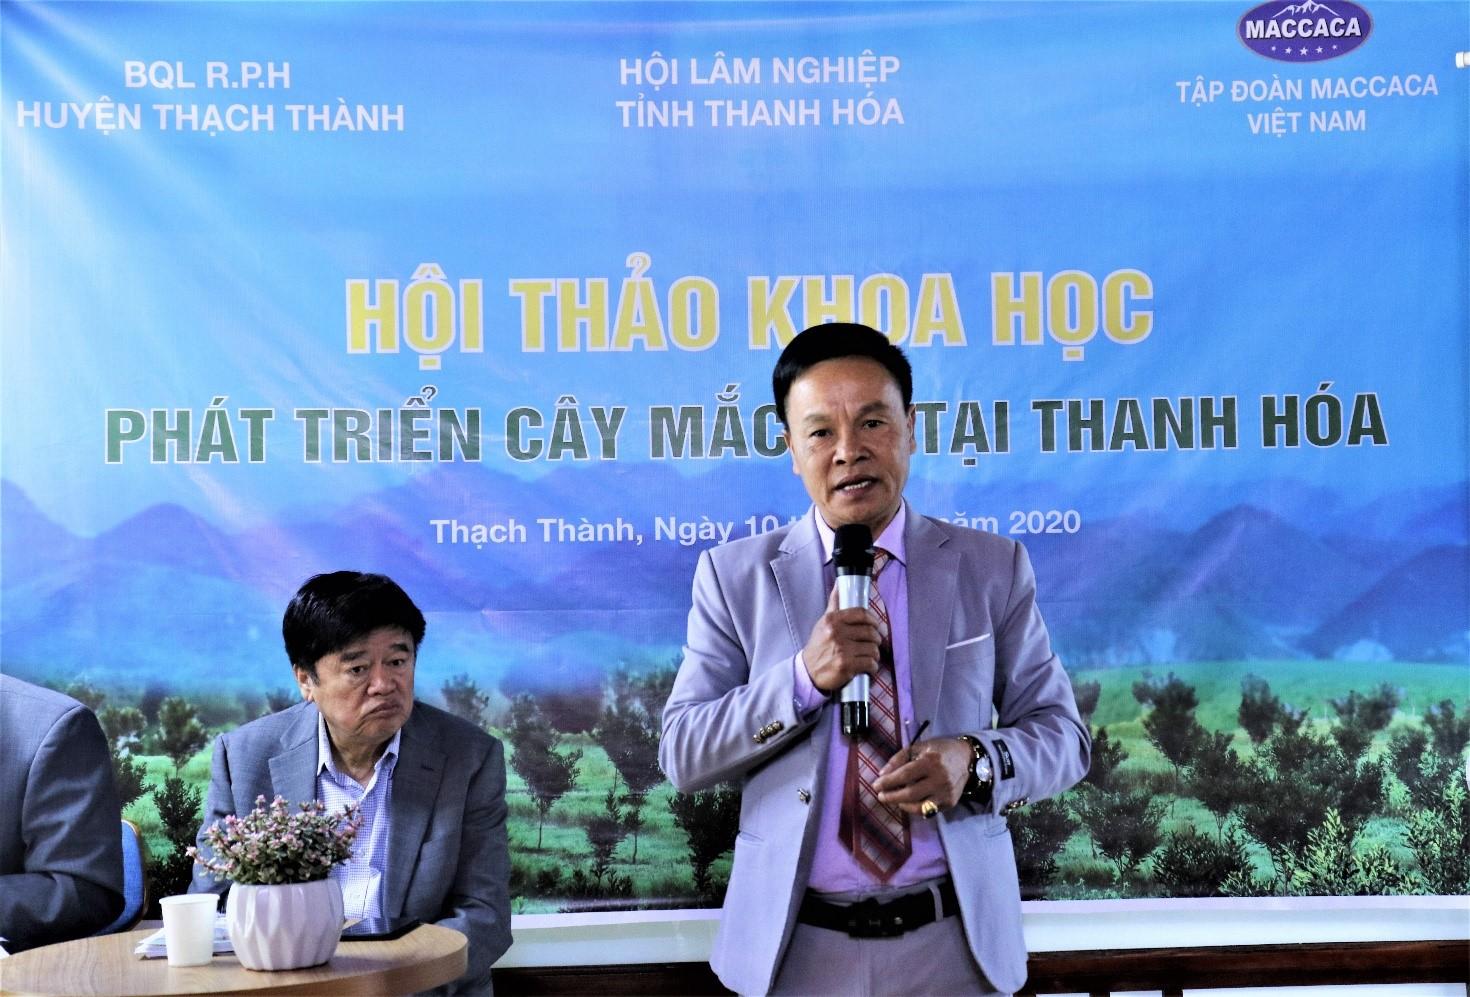 Thanh Hóa: Thúc đẩy quy hoạch phát triển cây mắc ca góp phần chuyển dịch cơ cấu kinh tế nông nghiệp - Ảnh 6